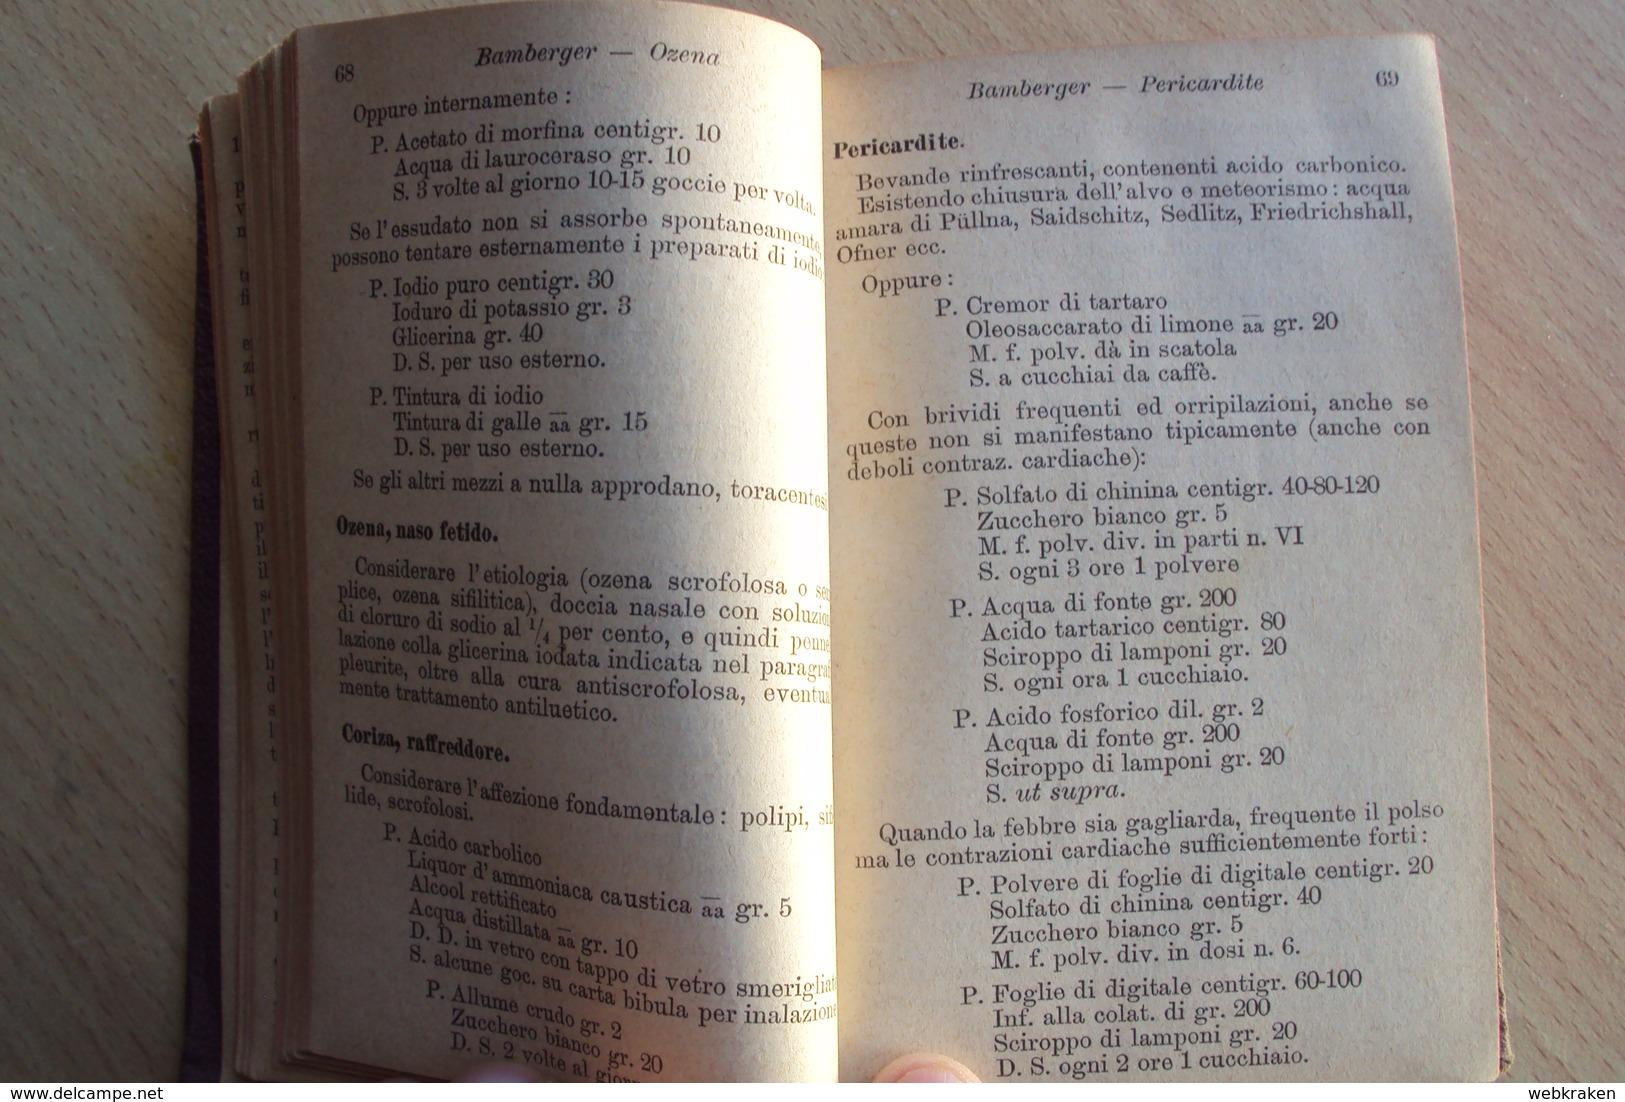 ITALIA RICETTARIO TASCABILE CENNI E FORMULE TERAPEUTICHE TORINO 1888 ERMANNO LOESCHER ROMA FIRENZE MEDICINA - Altri